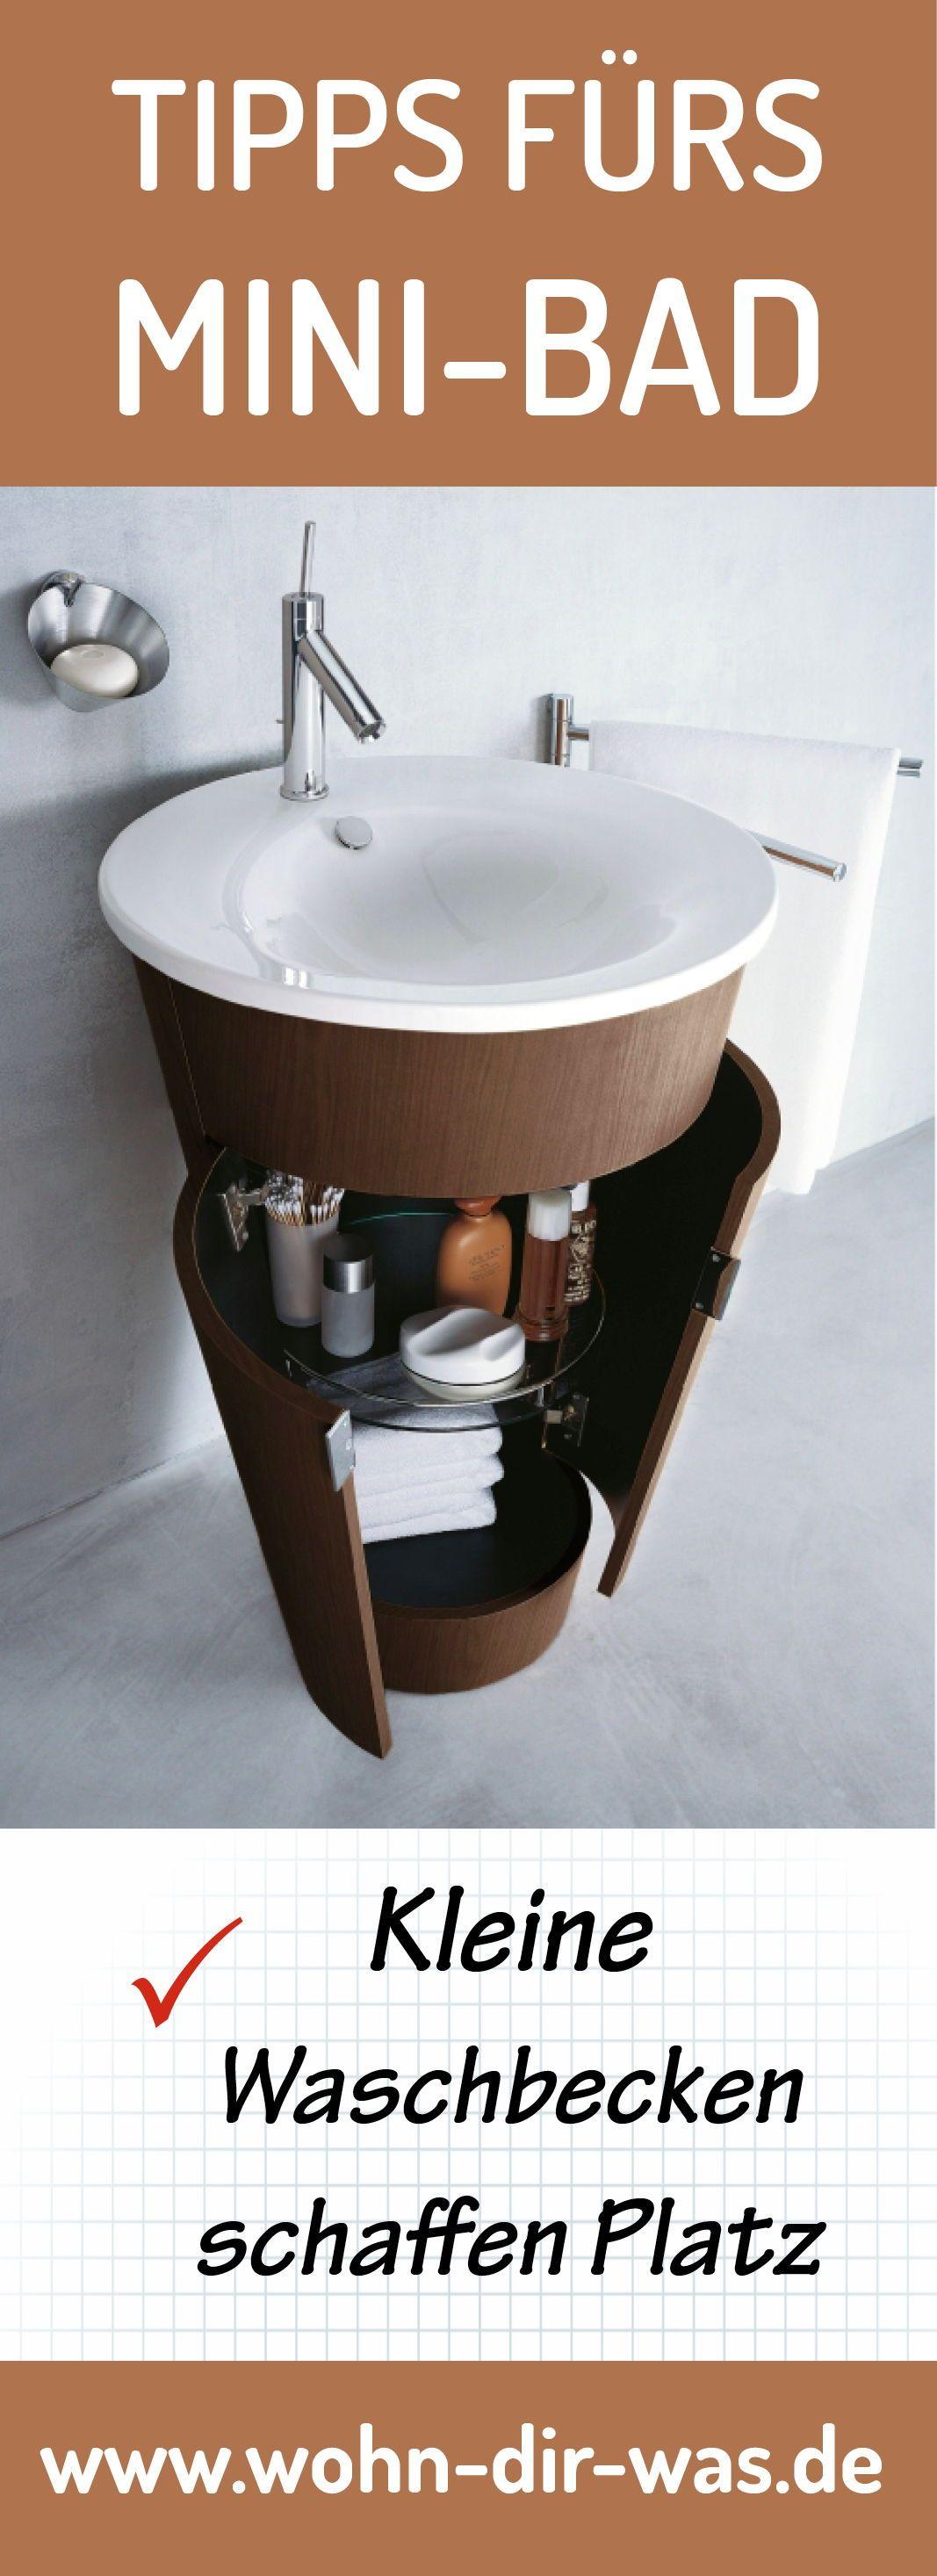 So Viel Kostet Dein Traumbad Mini Bad Kleines Waschbecken Mini Waschbecken